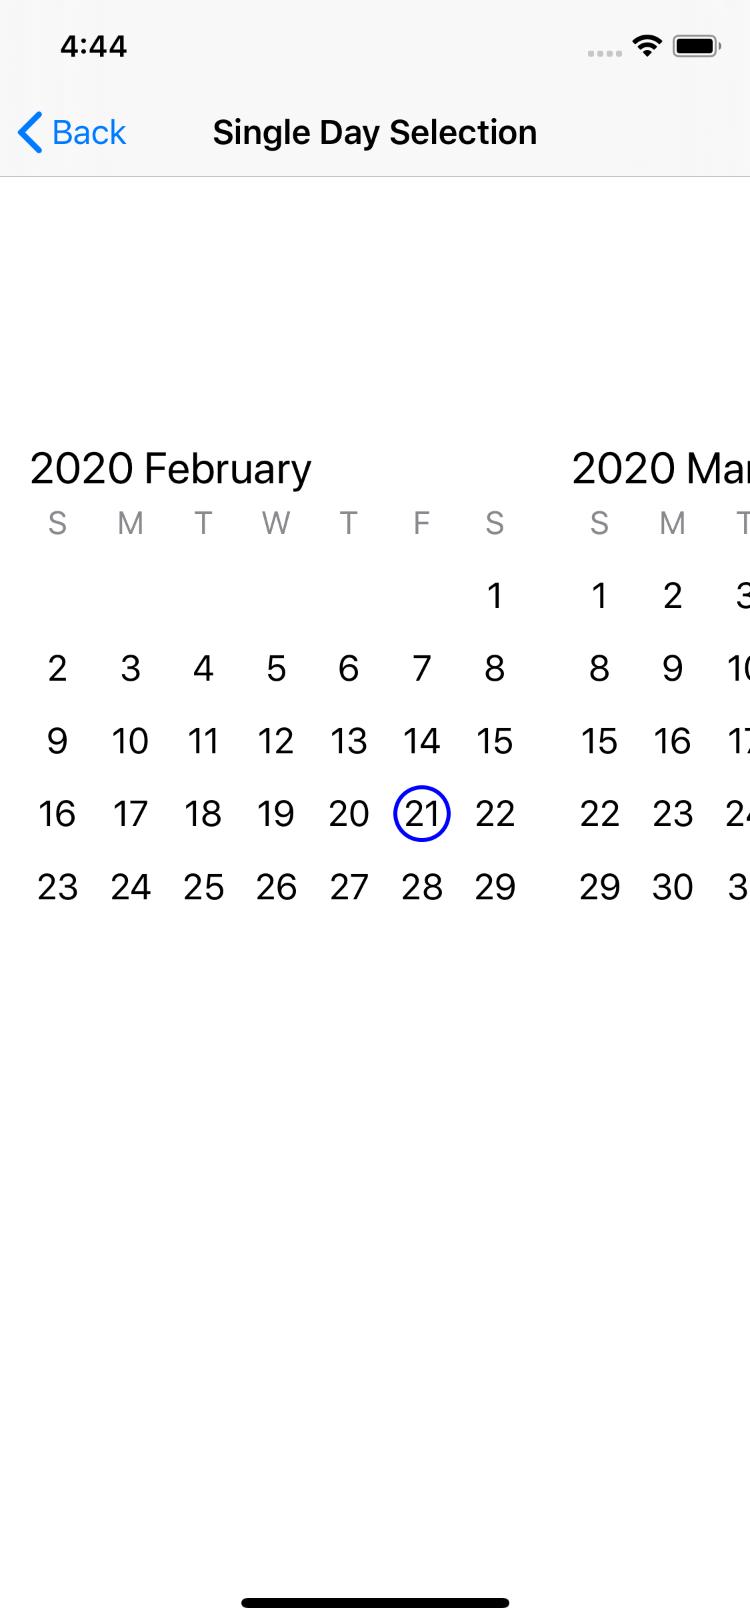 Single Day Selection Horizontal